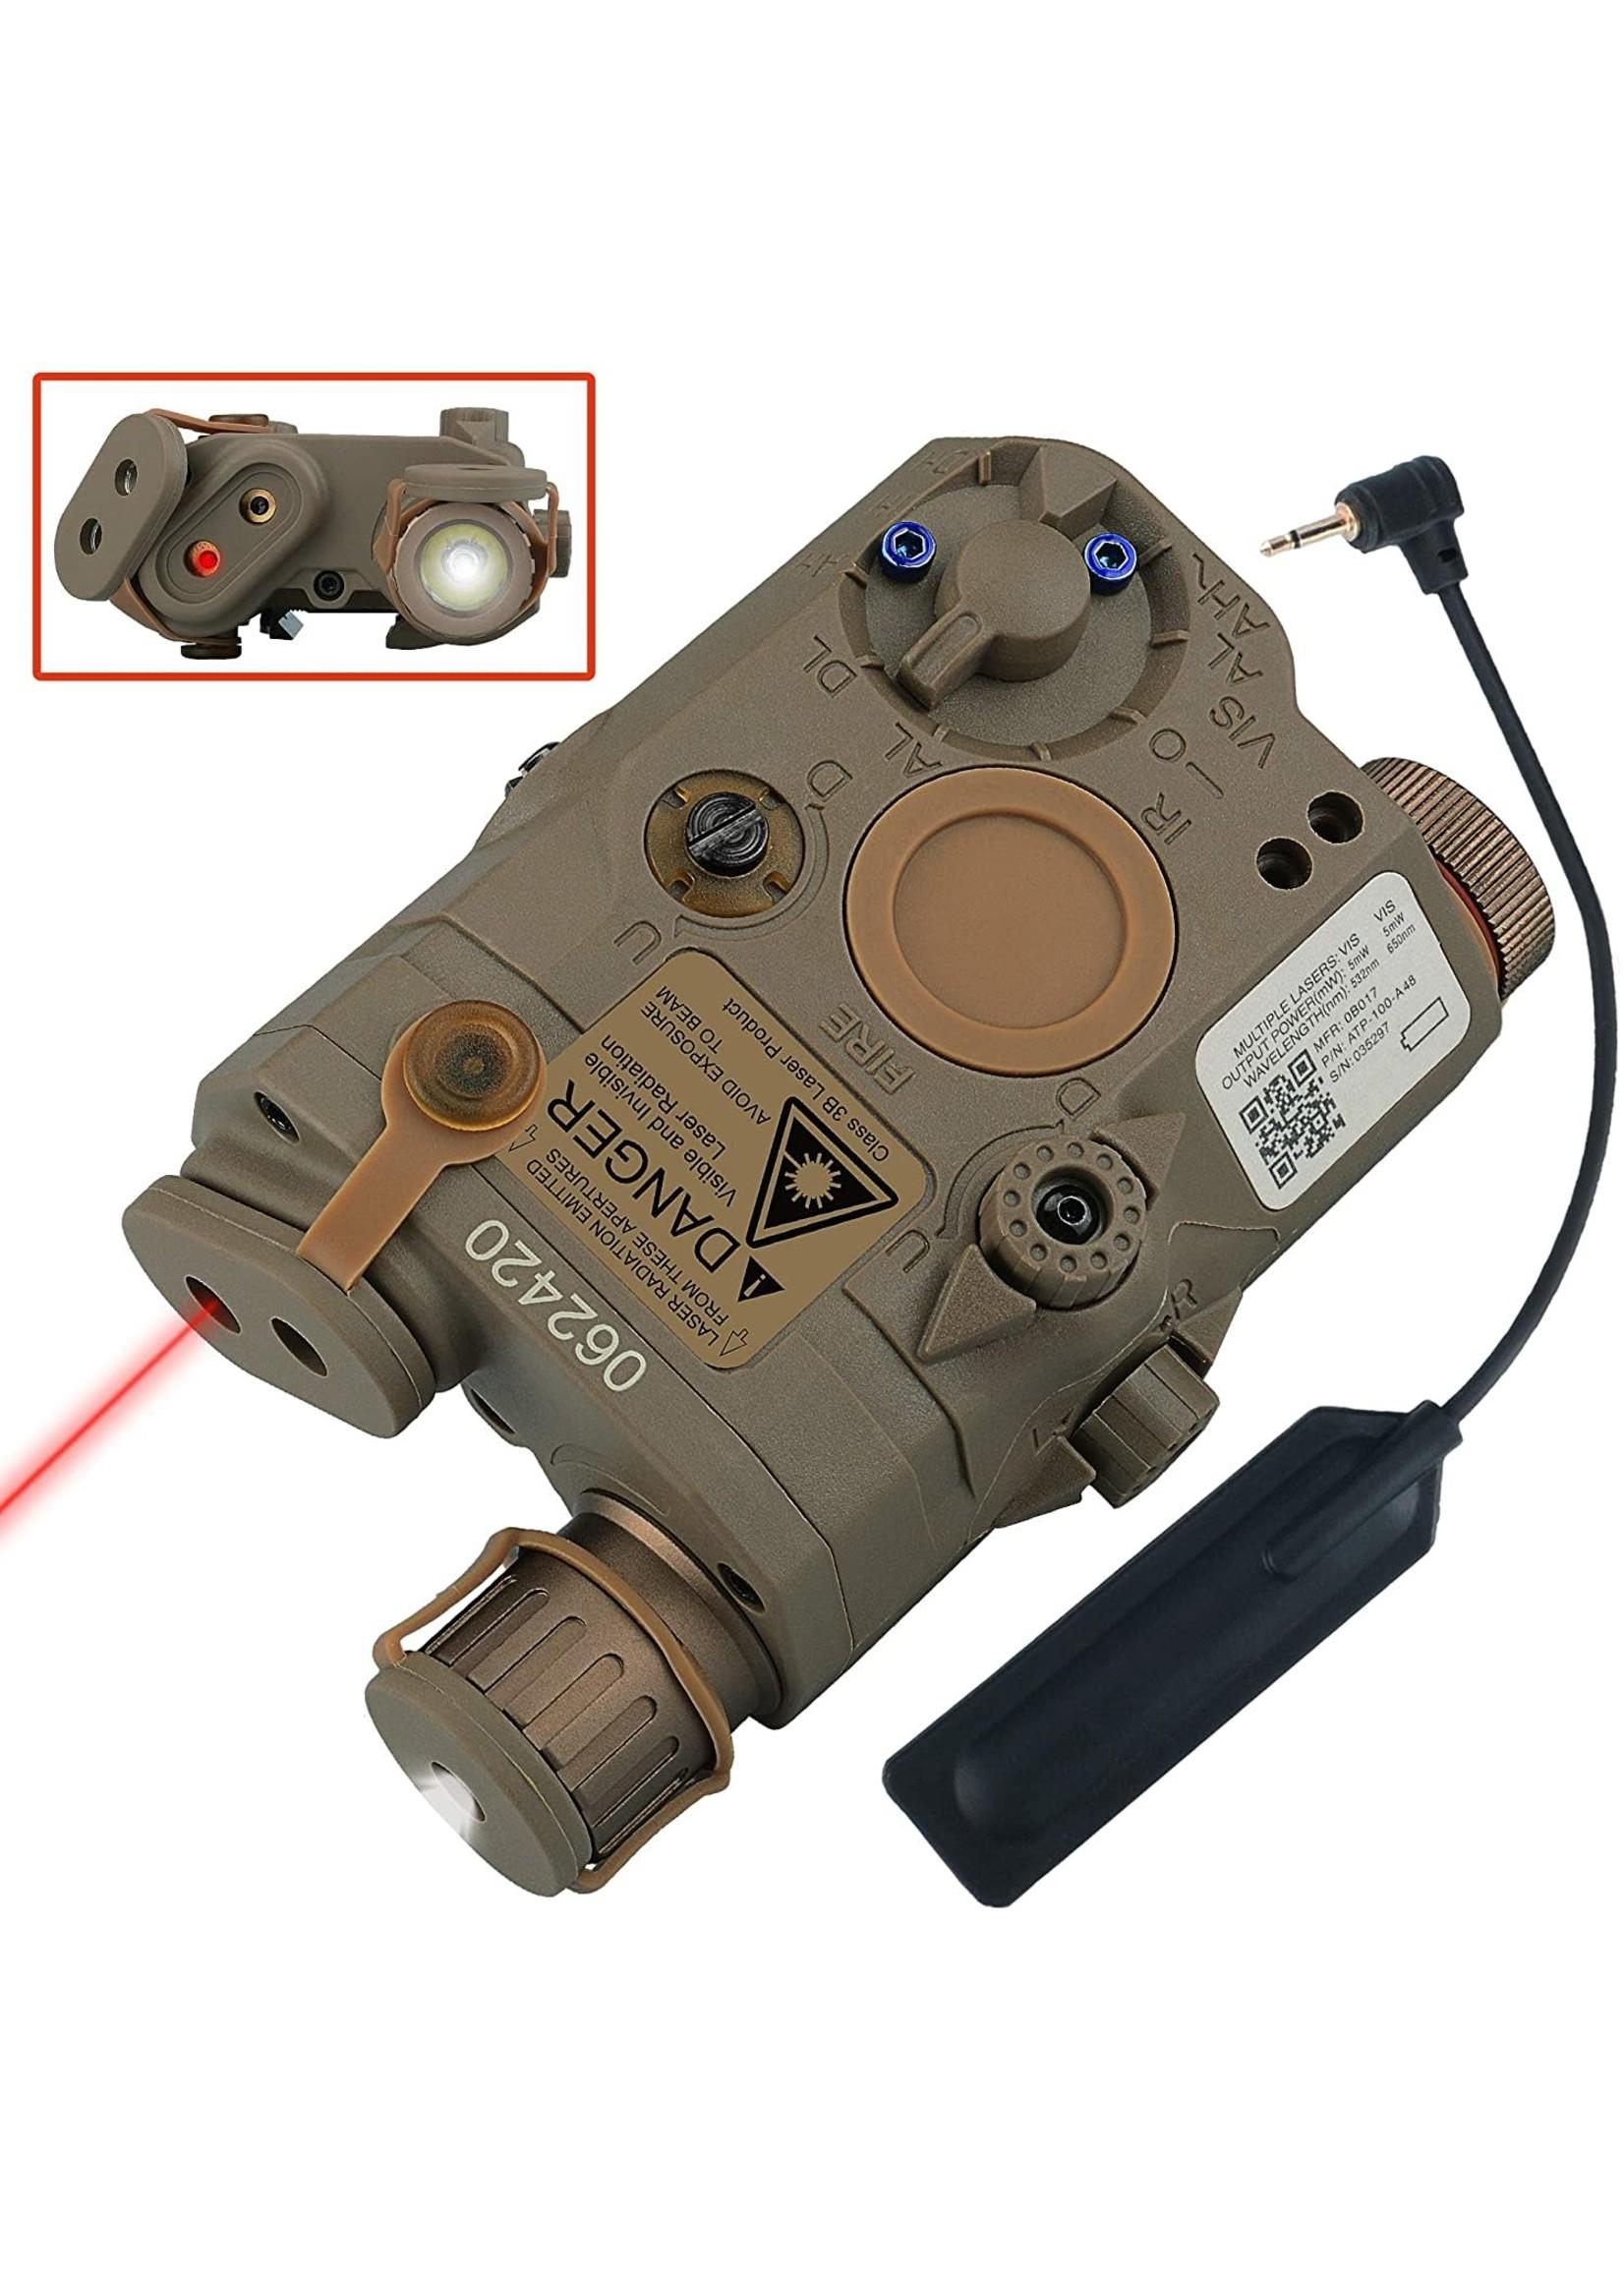 WOSPORT WOSPORT PEQ-15 LIGHT, RED LASER, IR